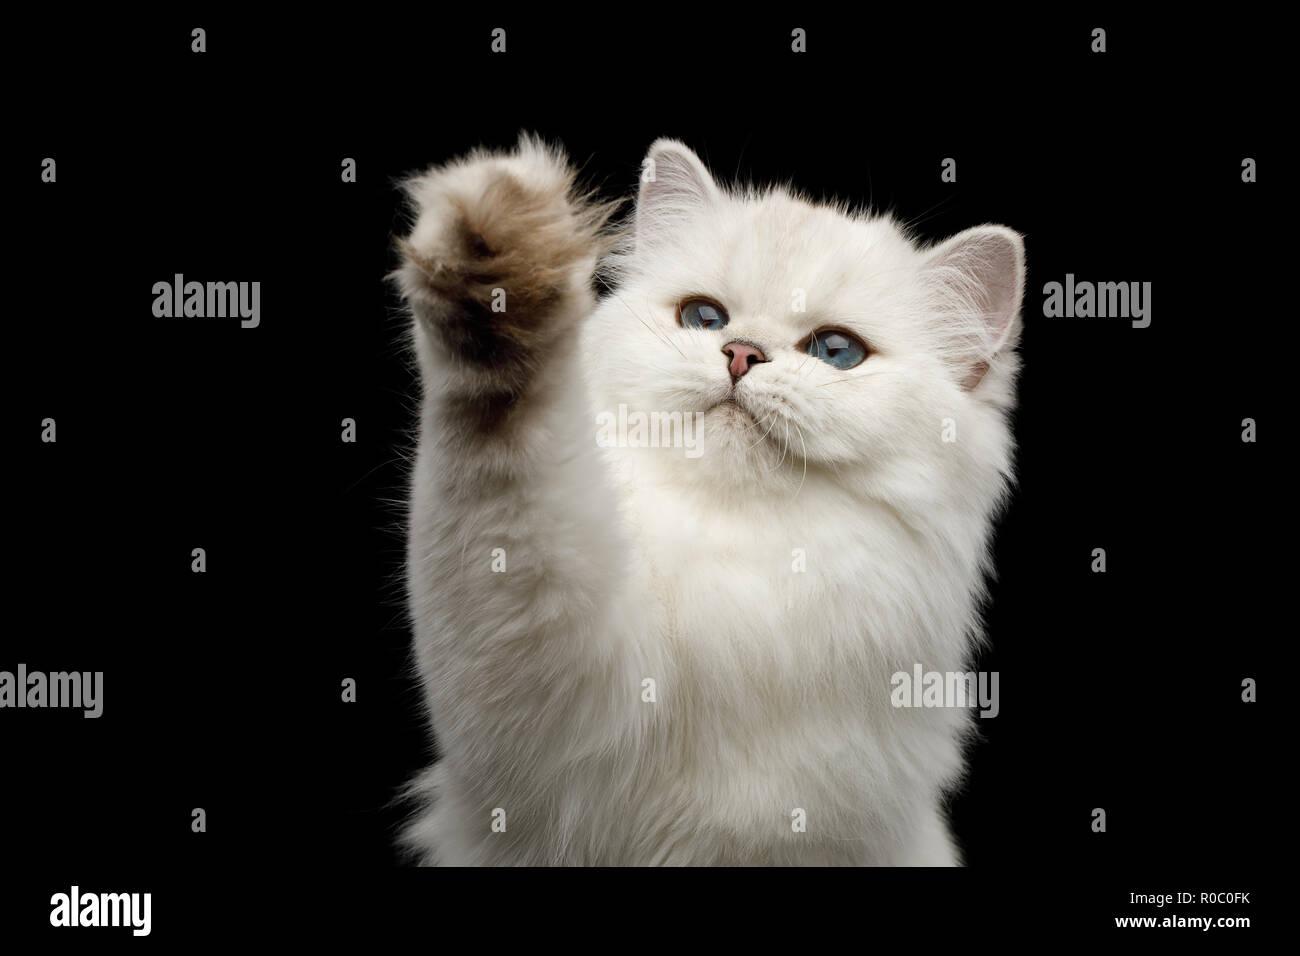 Retrato de peludo gato raza británico de color blanco con ojos azules, levantando la pata sobre fondo negro aislado, vista frontal Imagen De Stock